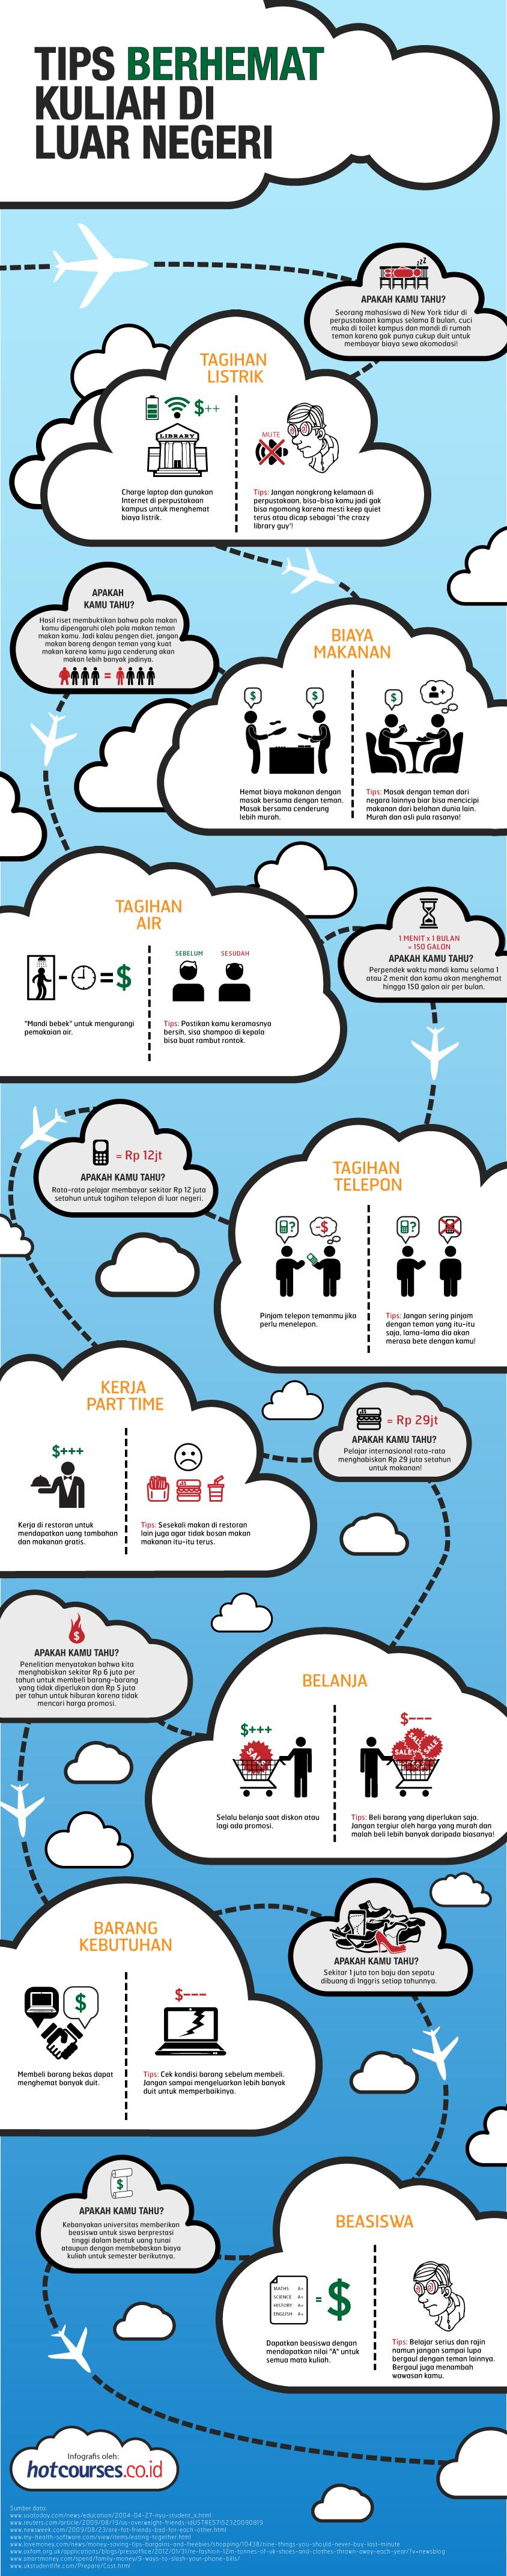 tips berhemat kuliah di luar negeri [Infografis]